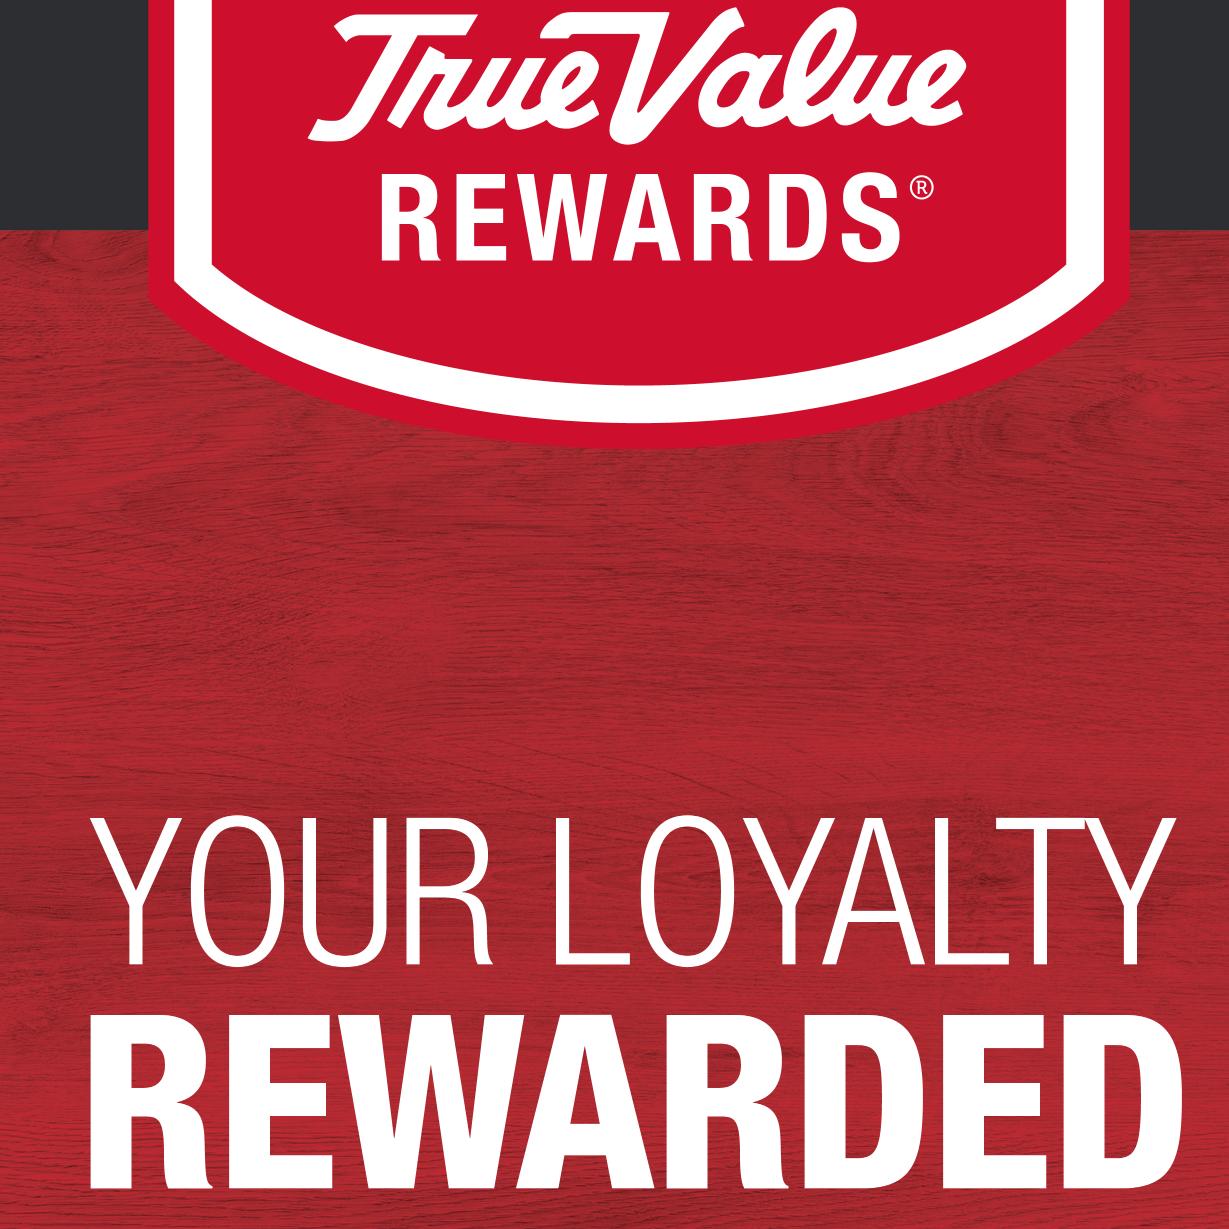 True Value Rewards